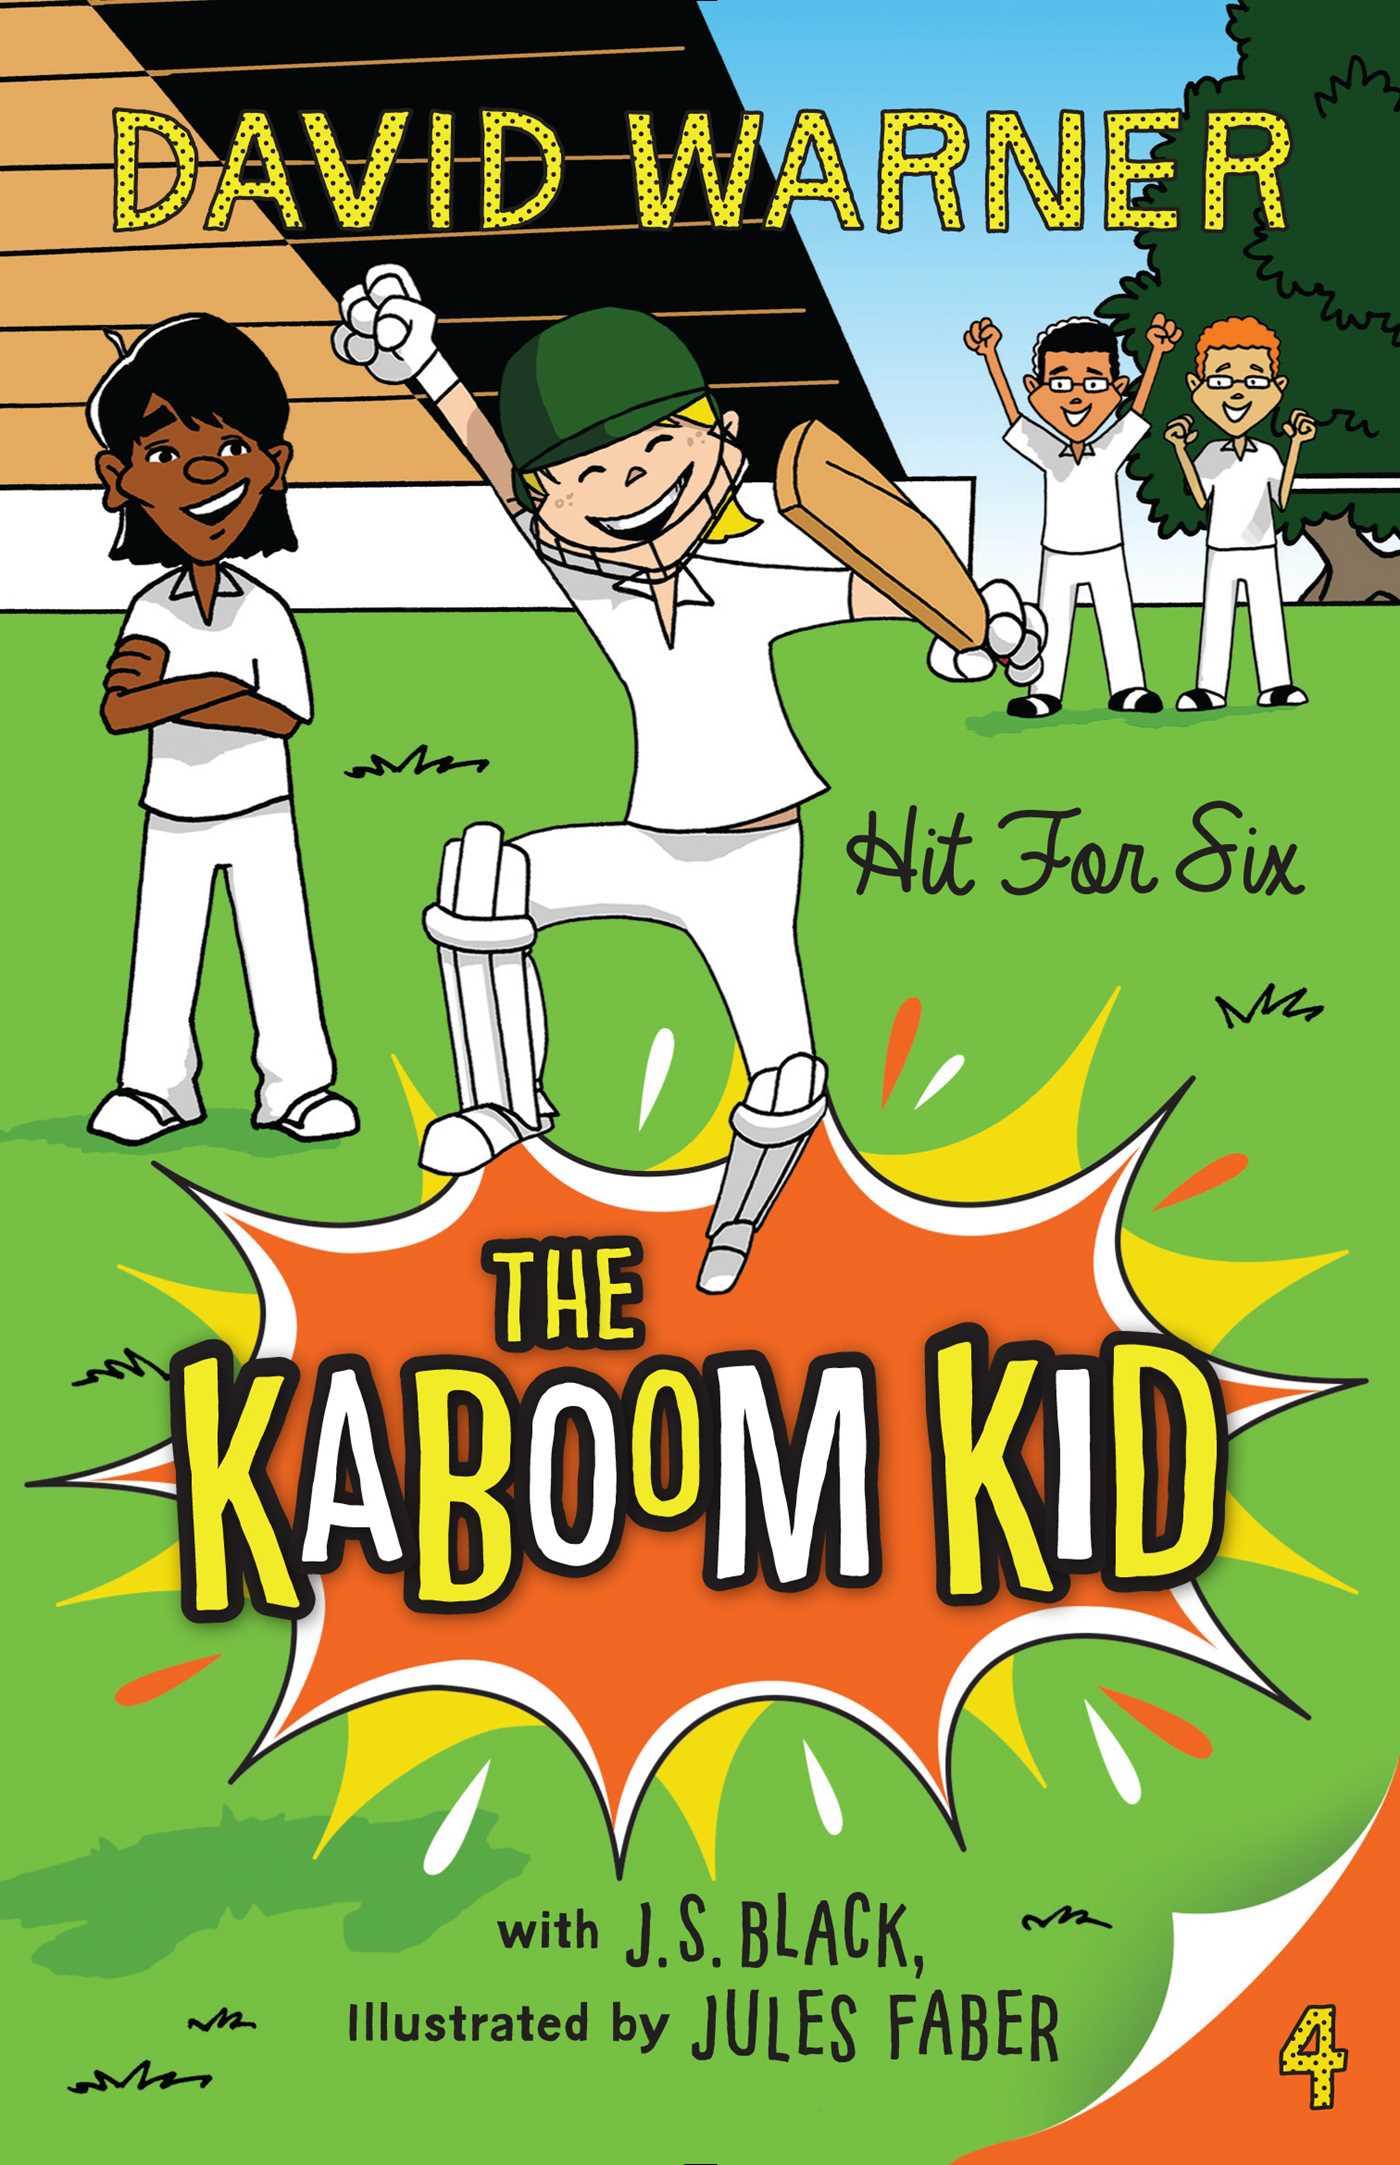 hit-for-six-kaboom-kid-4-9781925030846_hr.jpg